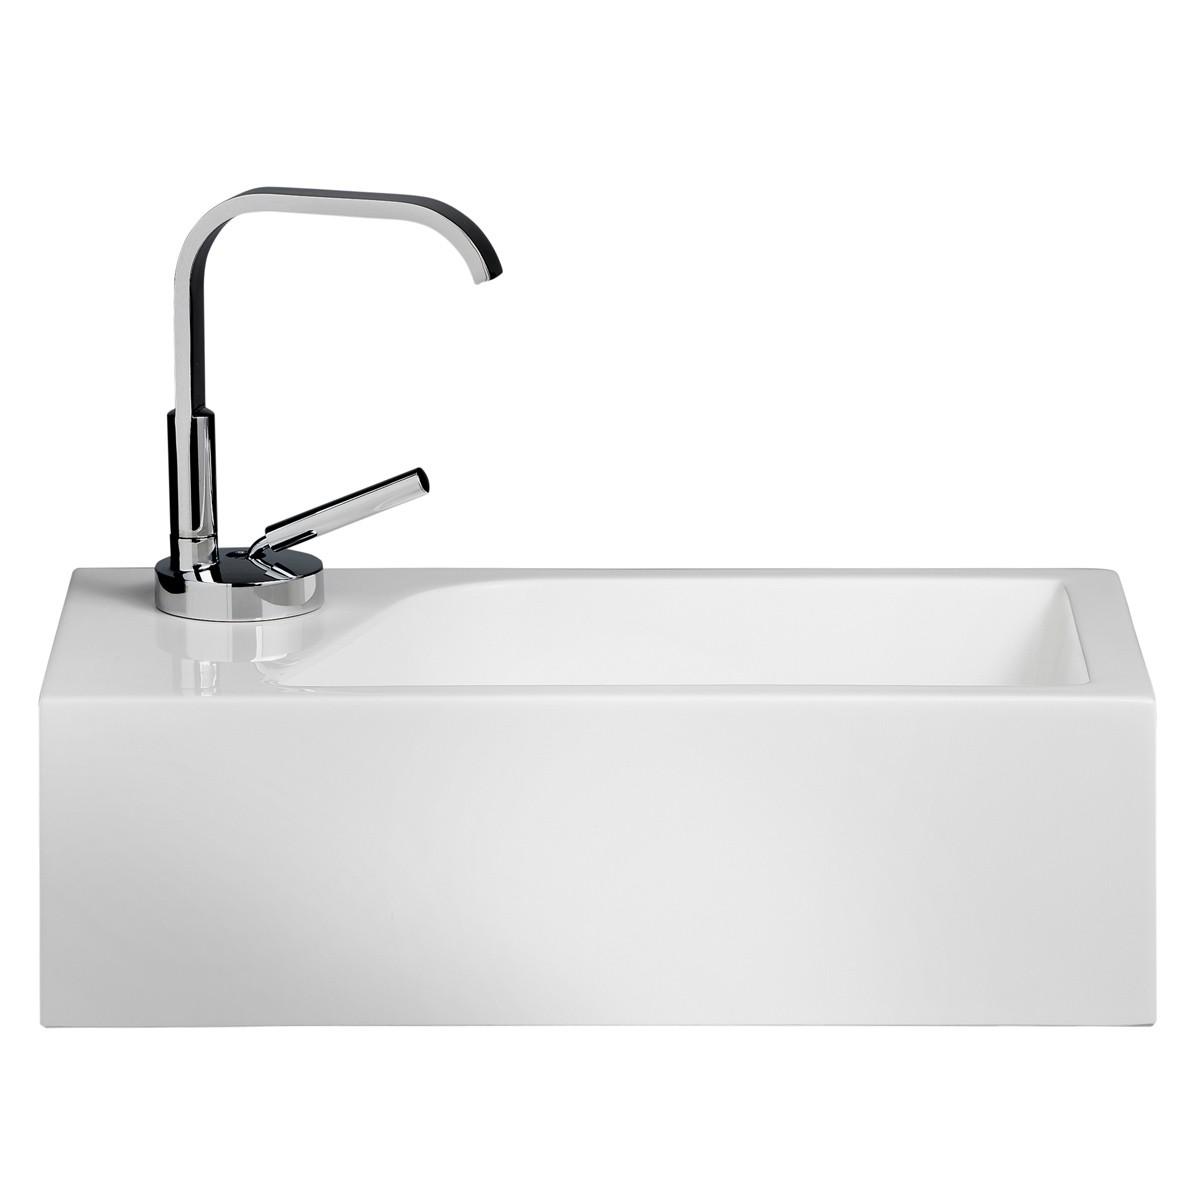 Gäste WC Waschbecken für Wandmontage Mineralguss